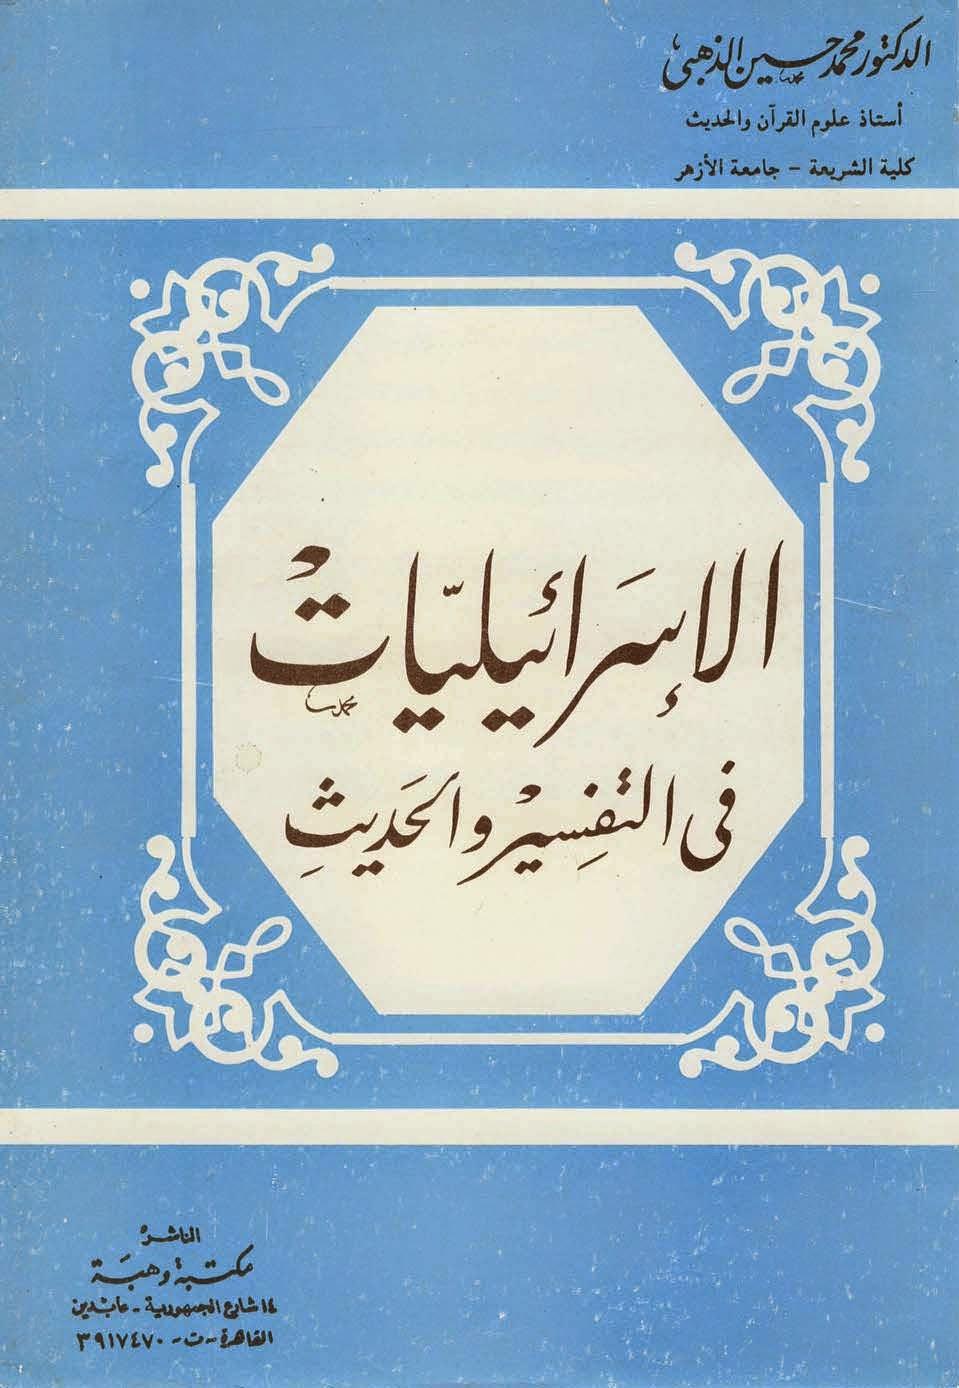 الإسرائيليات فى التفسير والحديث - محمد حسين الذهبى pdf